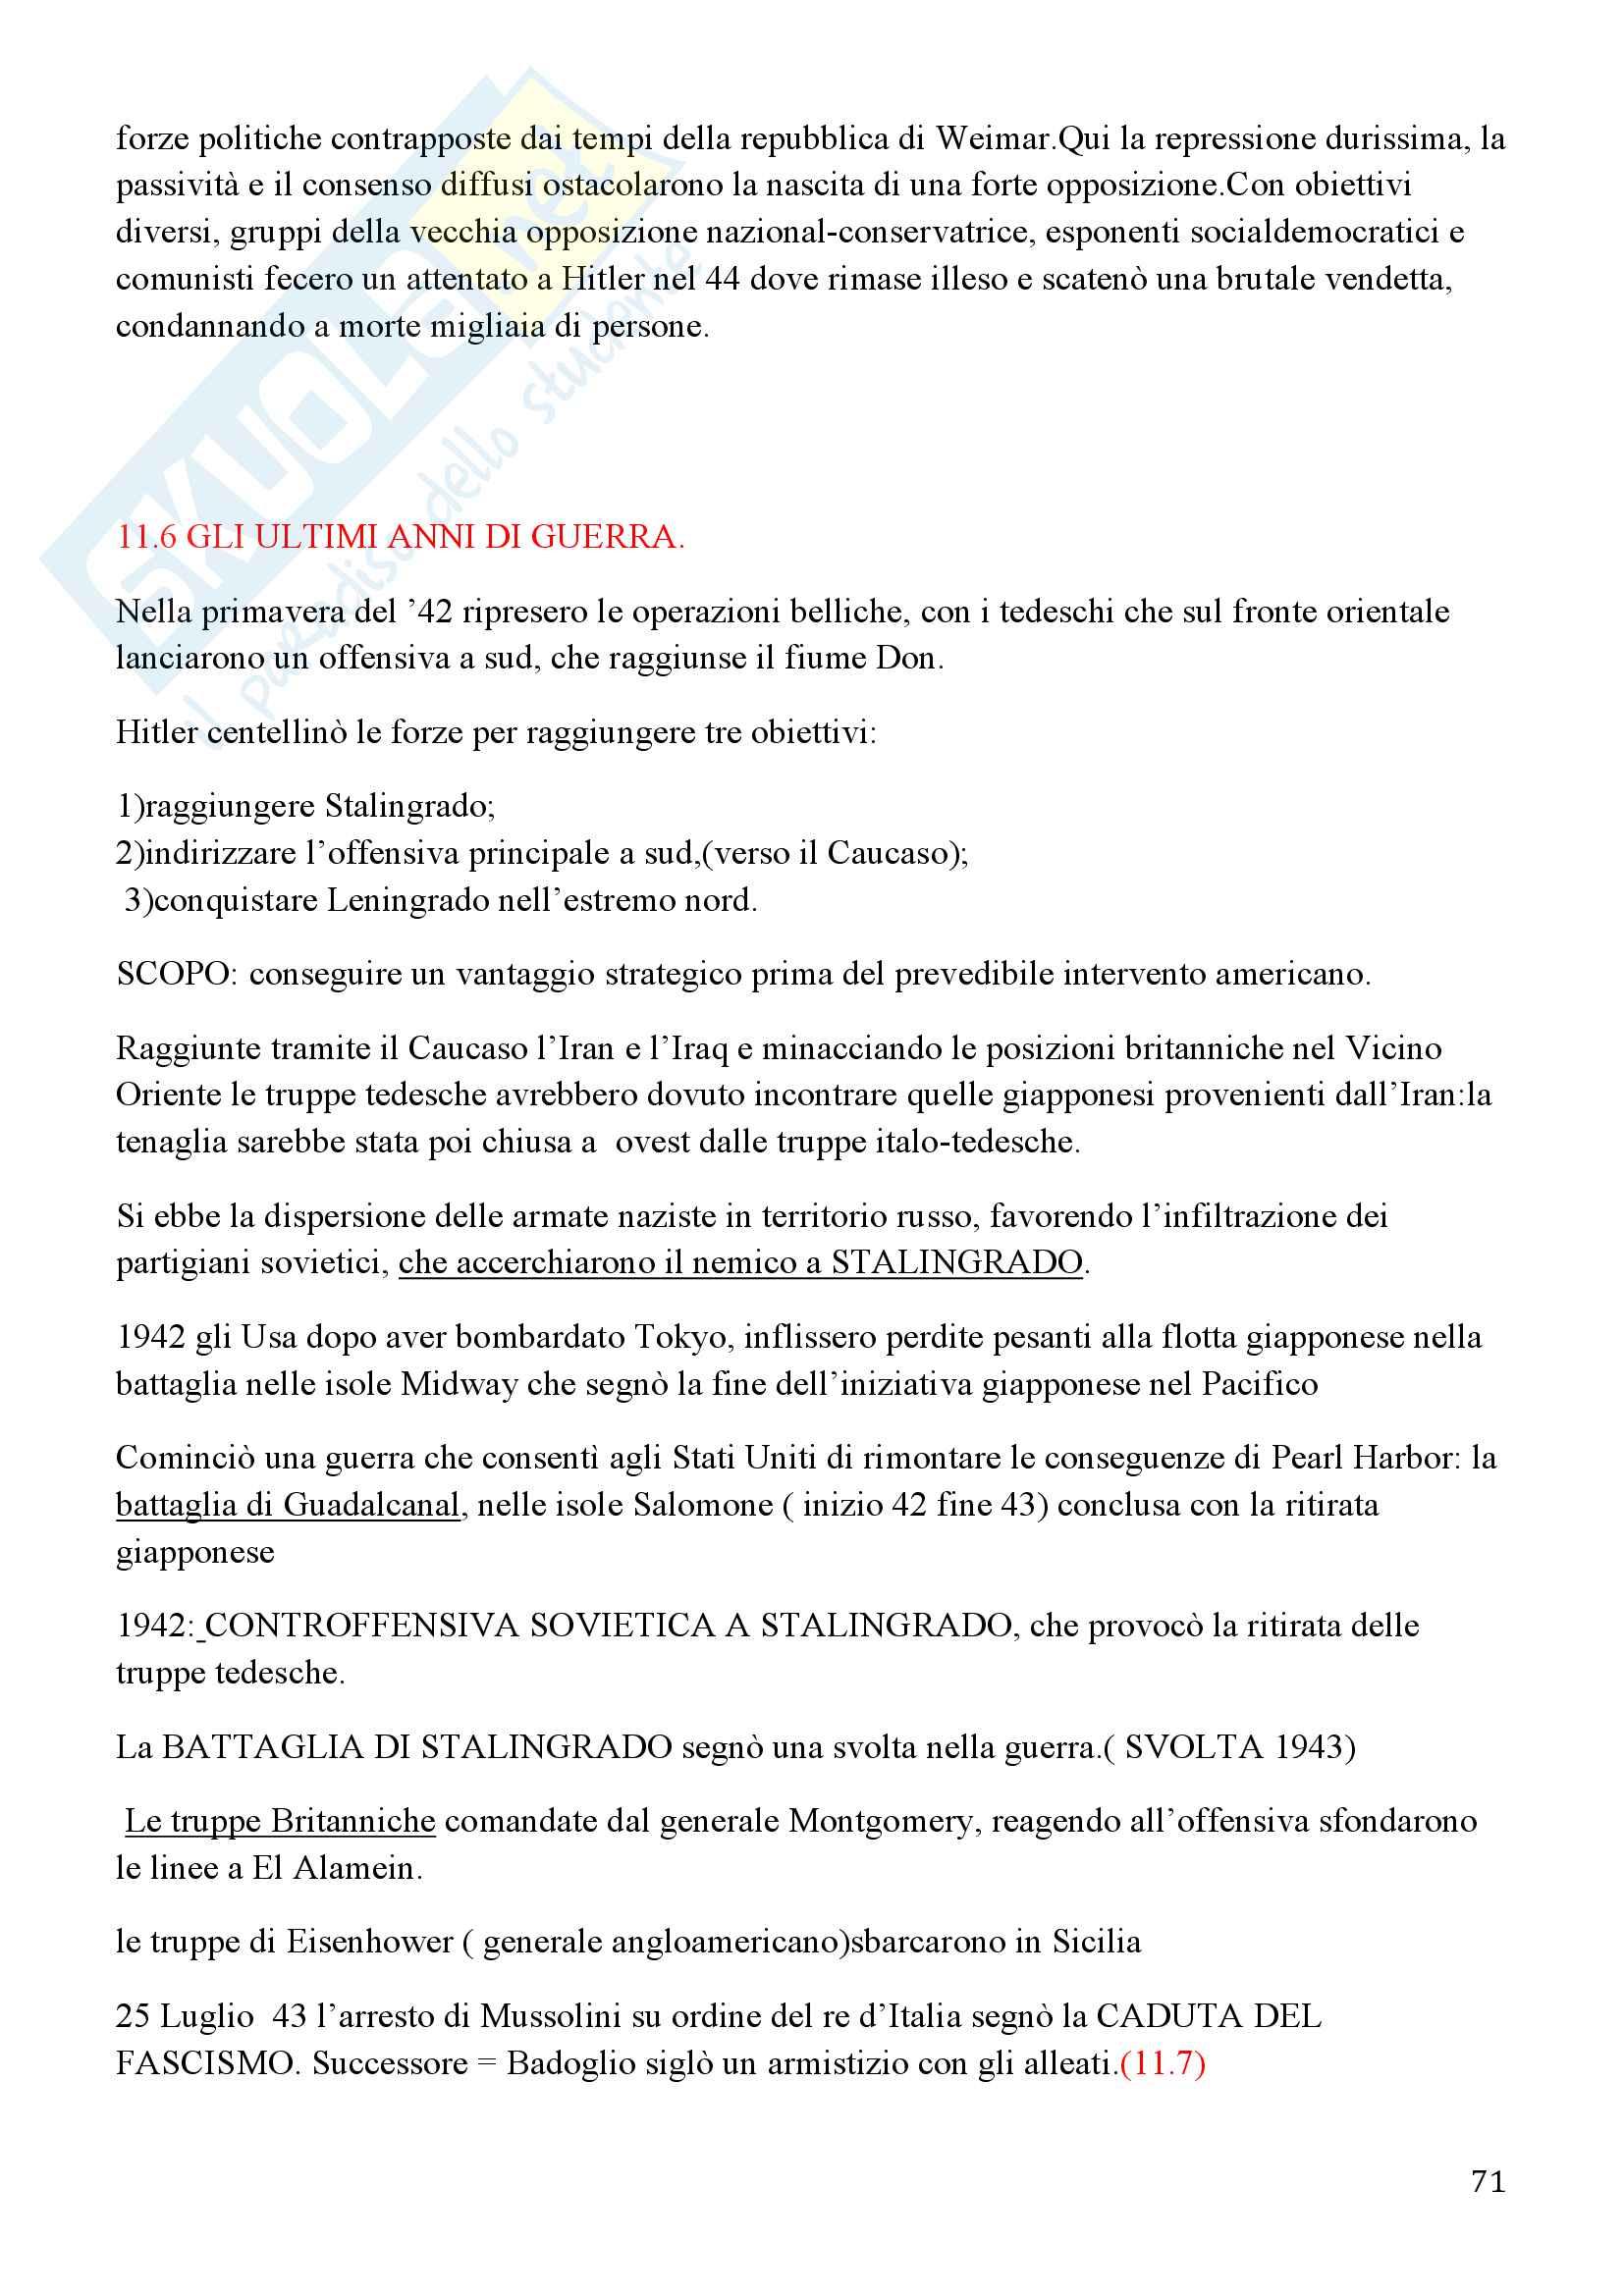 Storia Contemporanea, Detti, Gozzini il Novecento - Riassunto Pag. 71